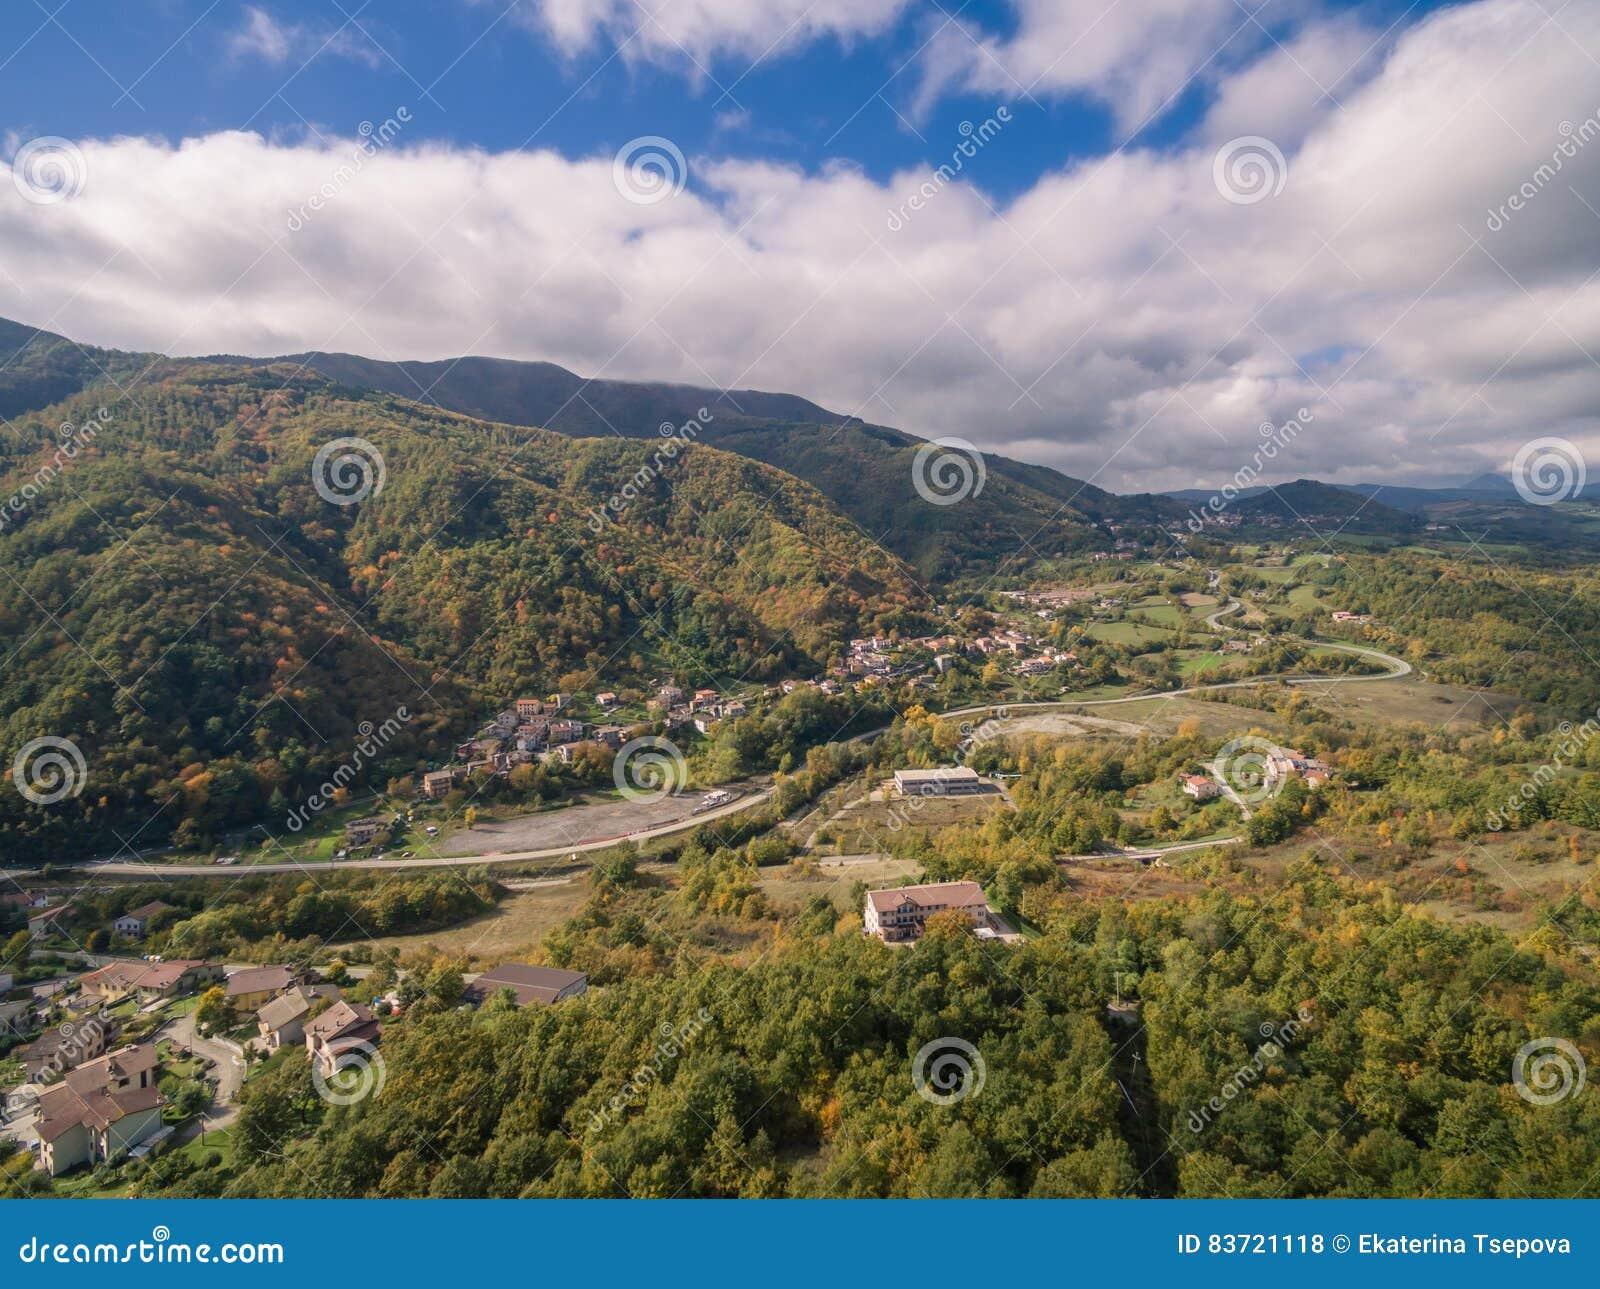 Tuscany, Italy, Aerial View Stock Photo